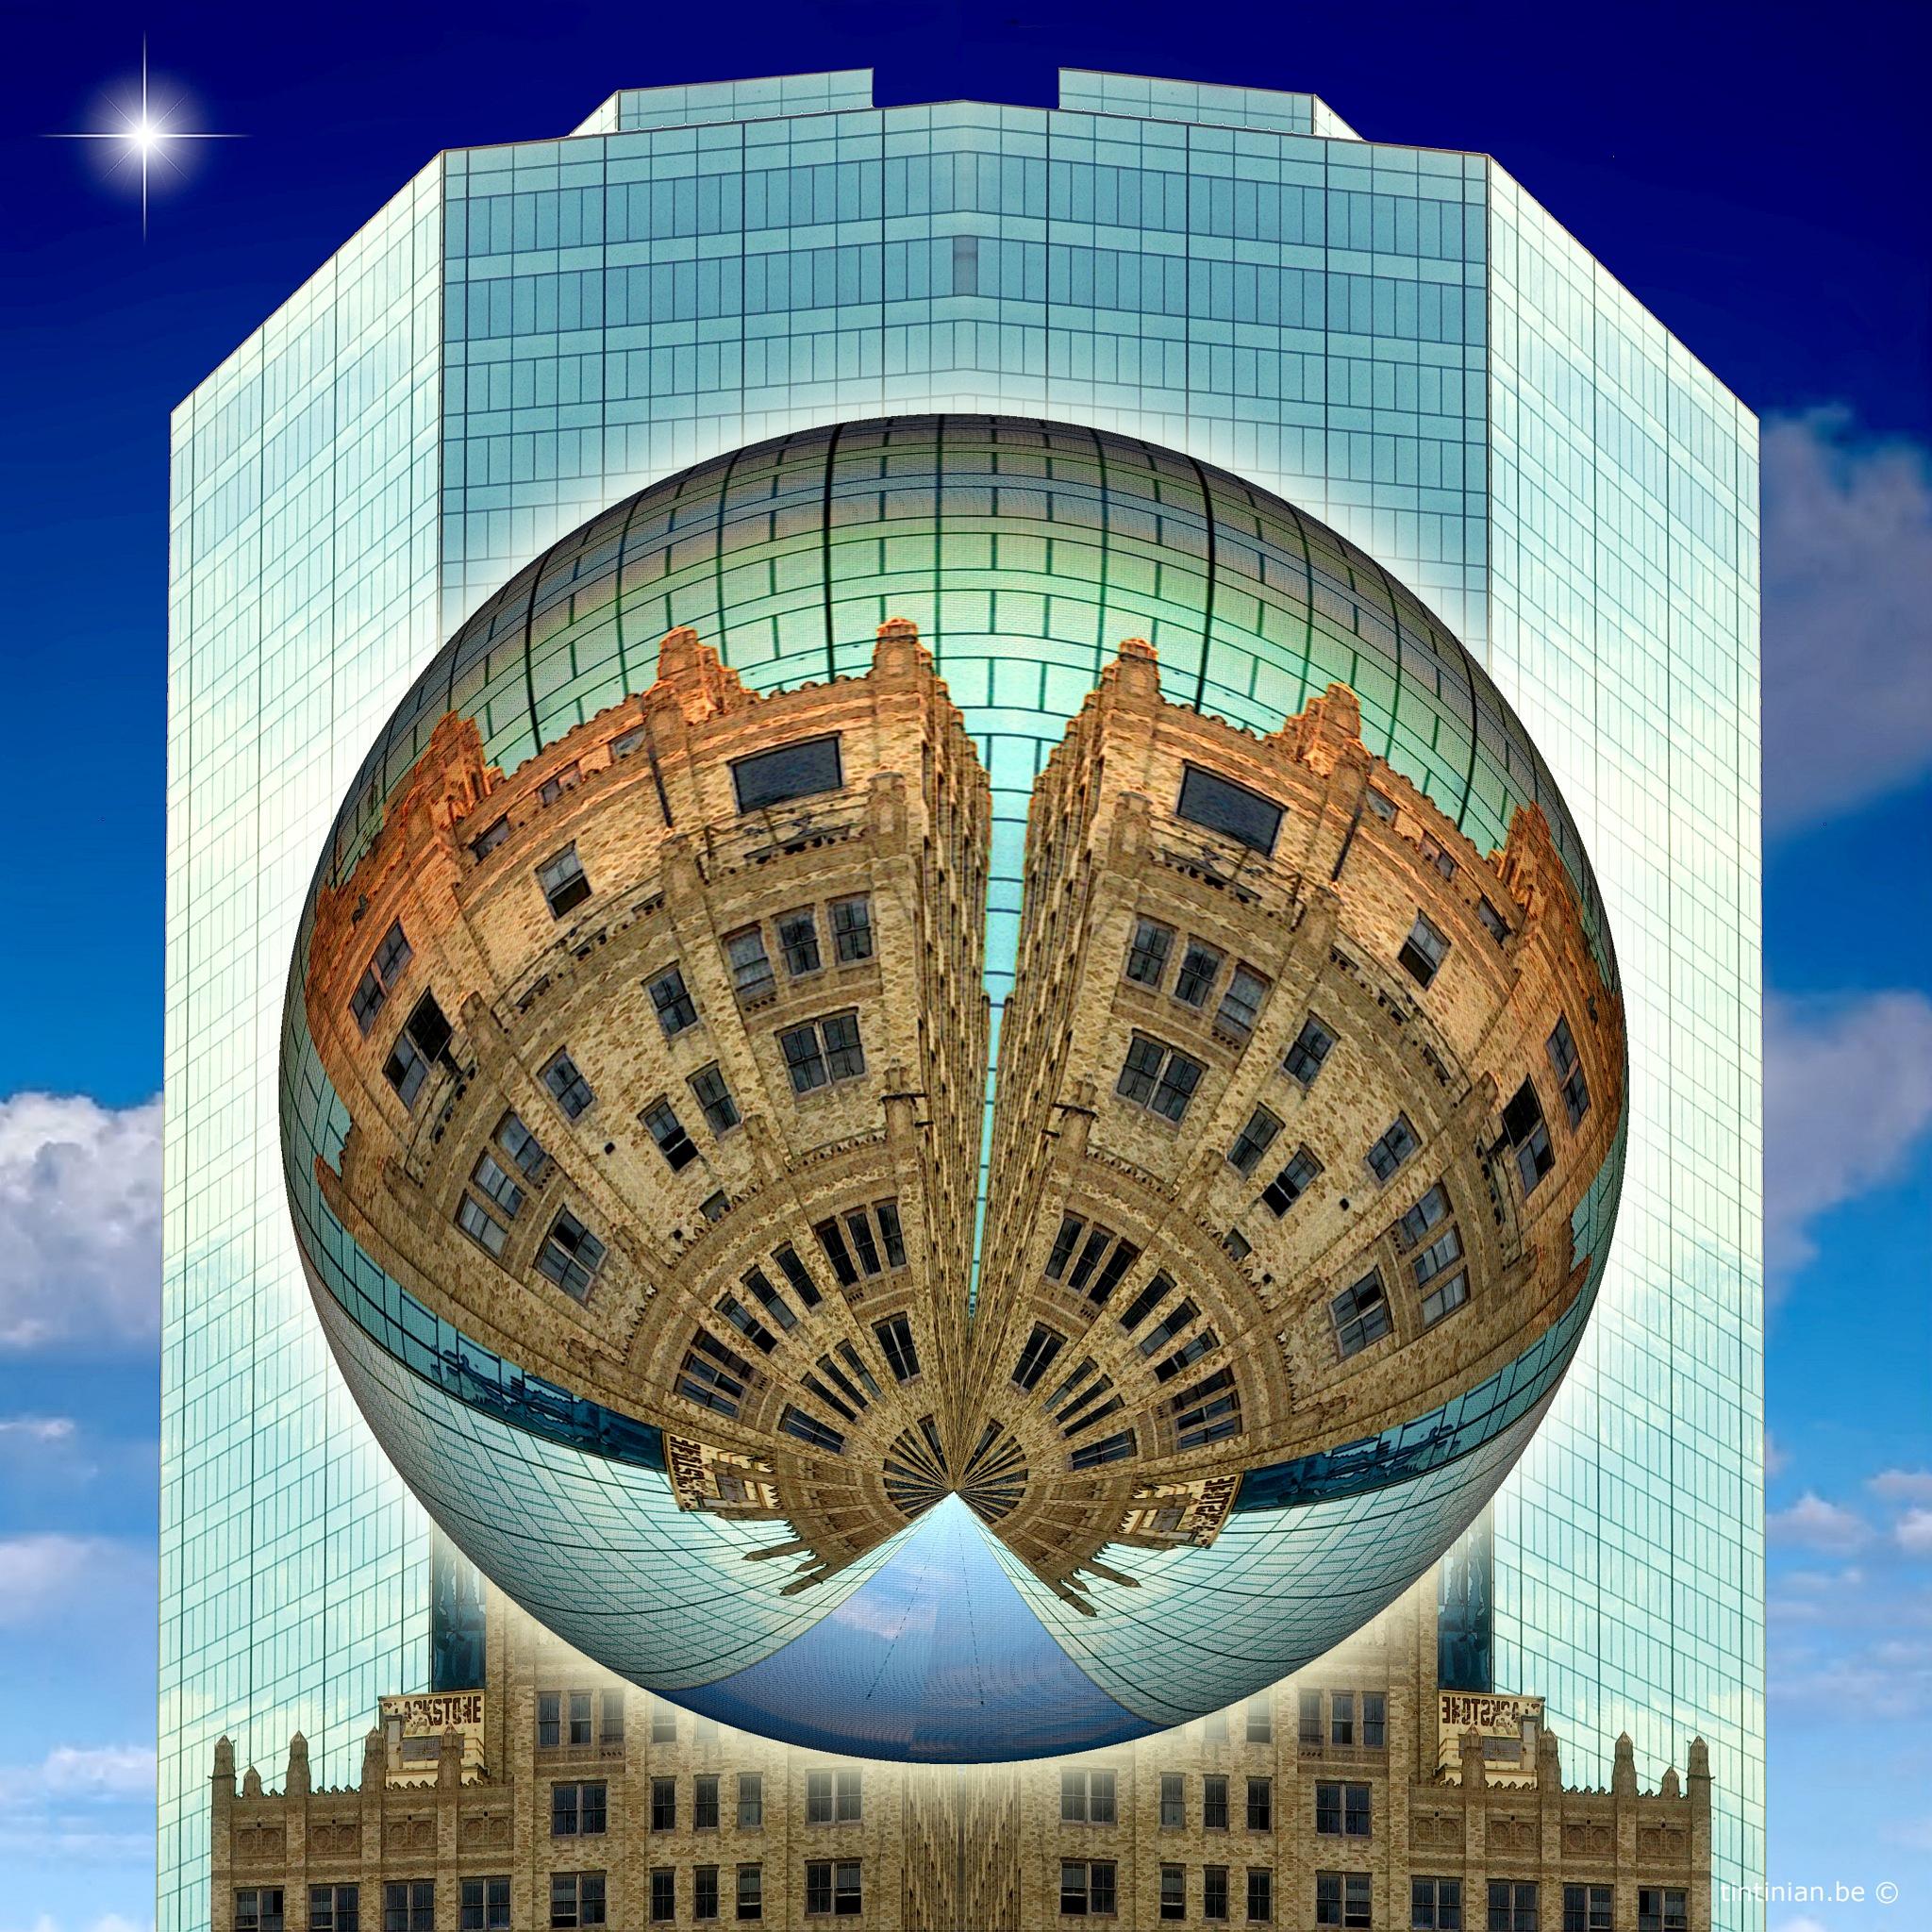 Cityscape by Etienne de Maeyer